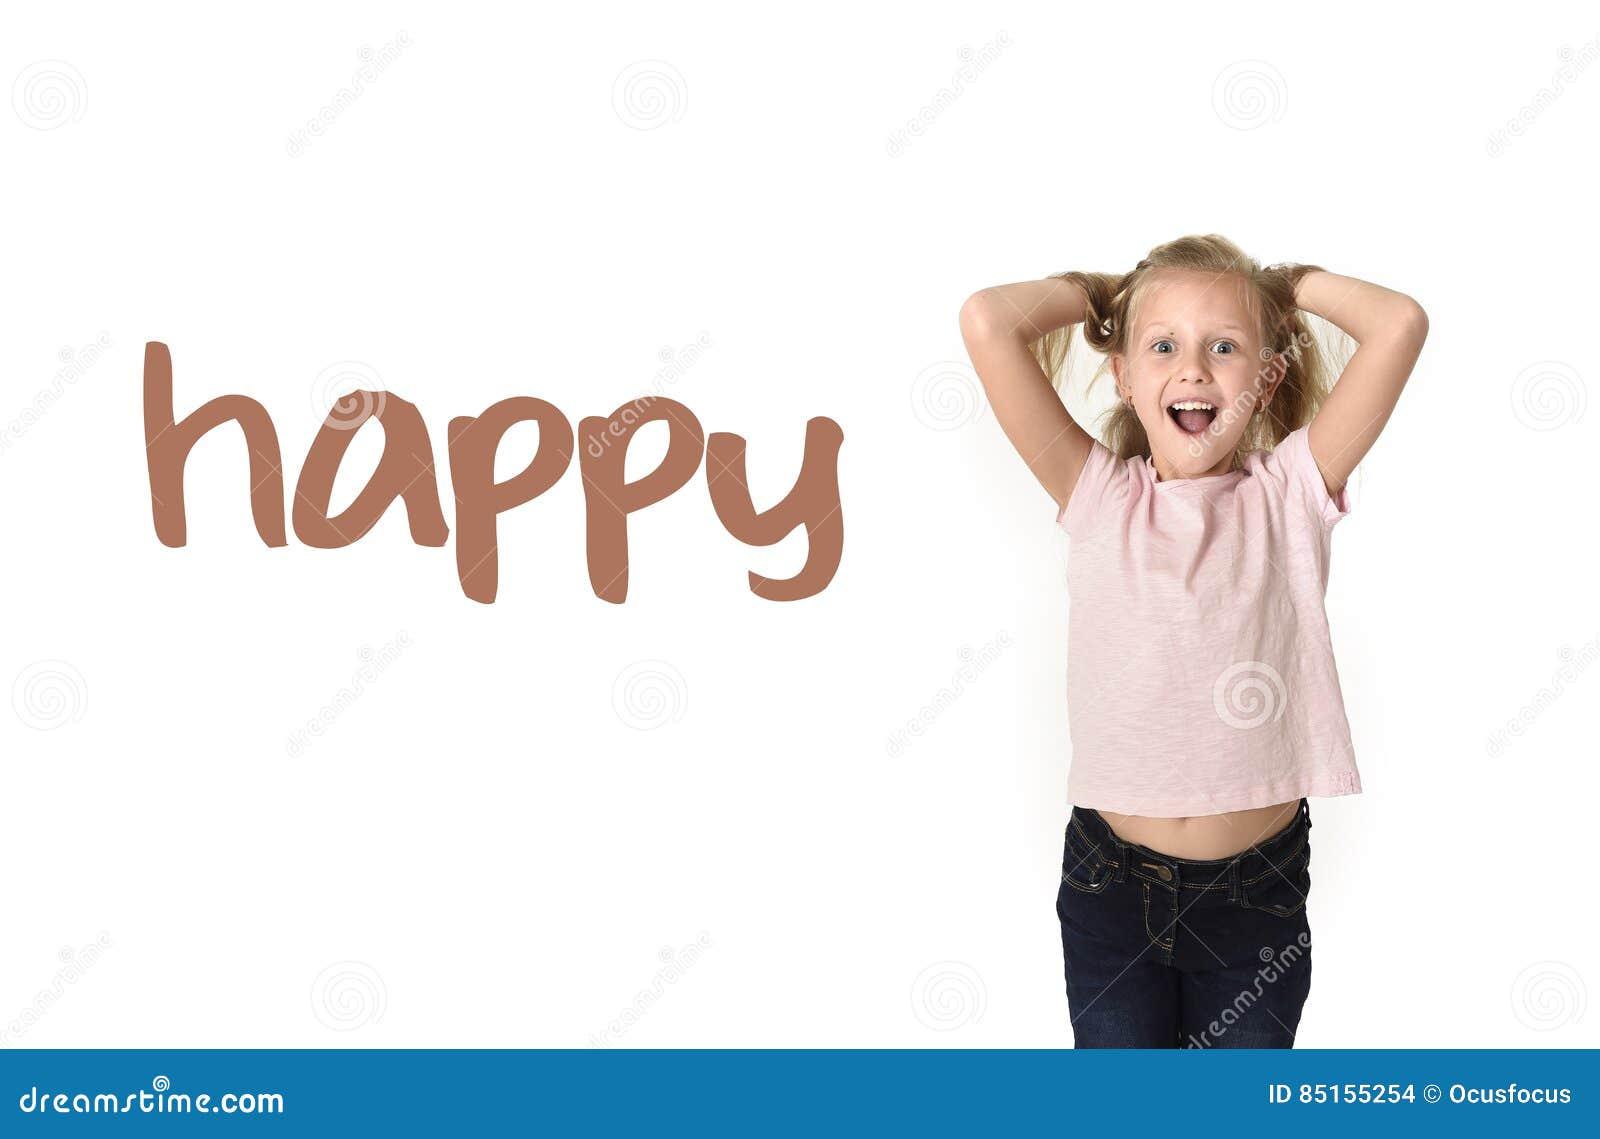 Cartão da escola do vocabulário do aprendizado de línguas inglesas da criança fêmea feliz bonita nova entusiasmado